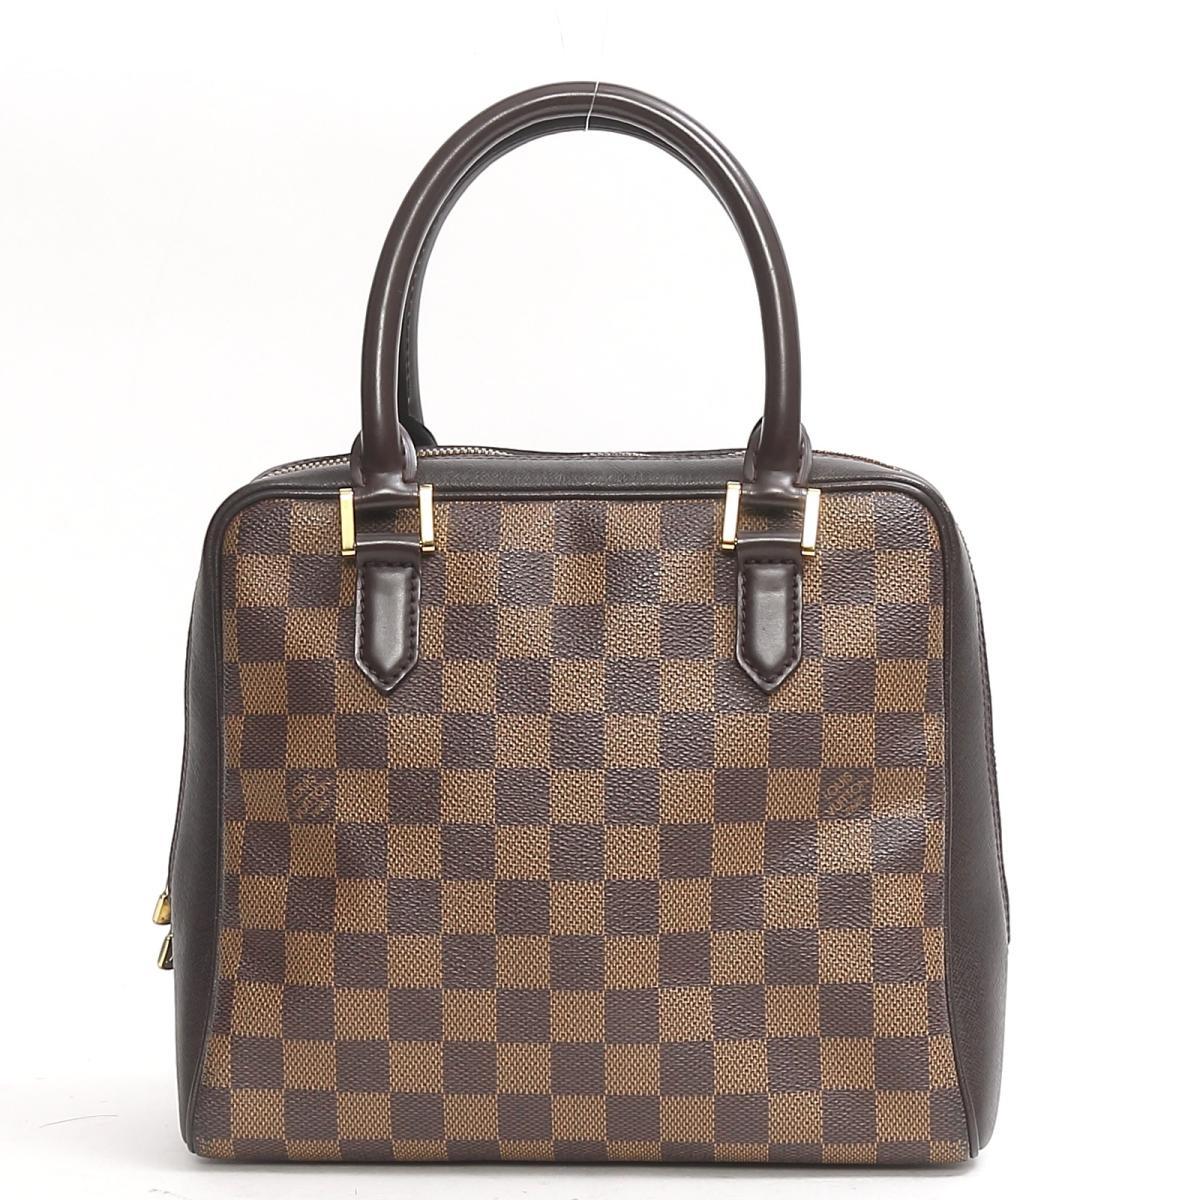 【中古】 ルイヴィトン ブレラ ハンドバッグ レディース ダミエ (N51150)   LOUIS VUITTON ヴィトン ビトン ルイ・ヴィトン ハンドバック バッグ バック カバン 鞄 BAG ブランドバッグ ブランドバック ブランドオフ